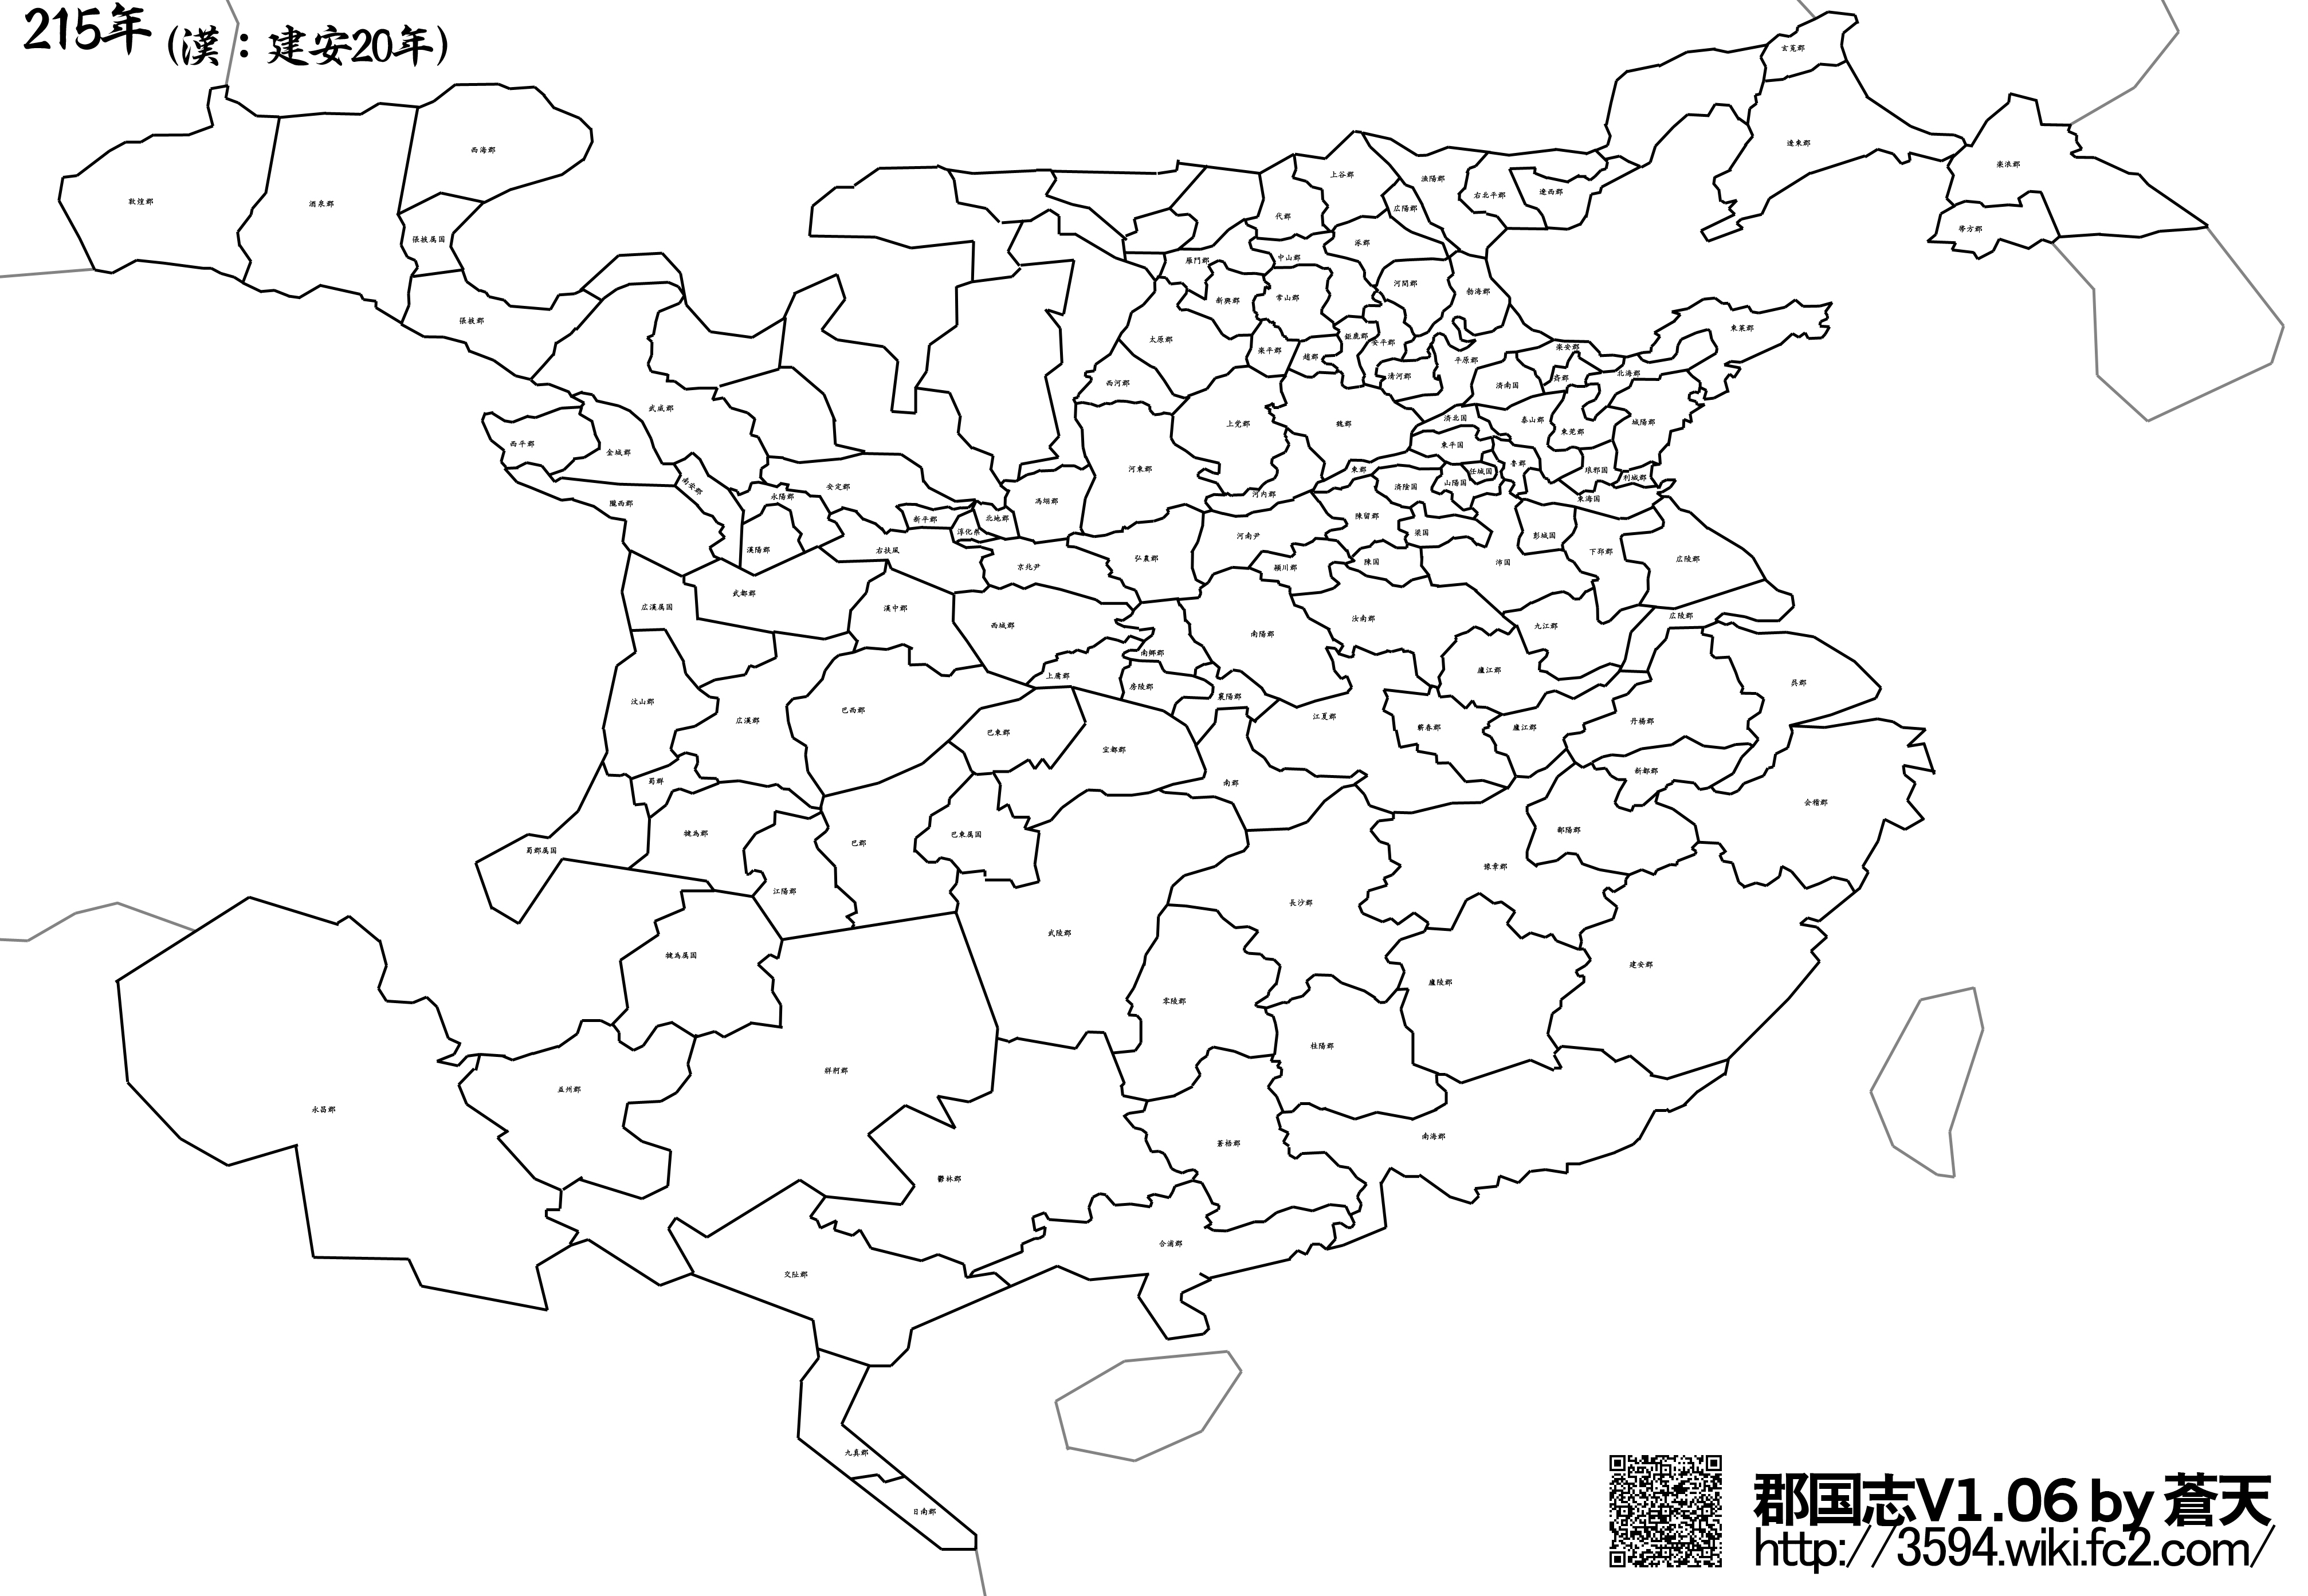 郡国志v106_215年